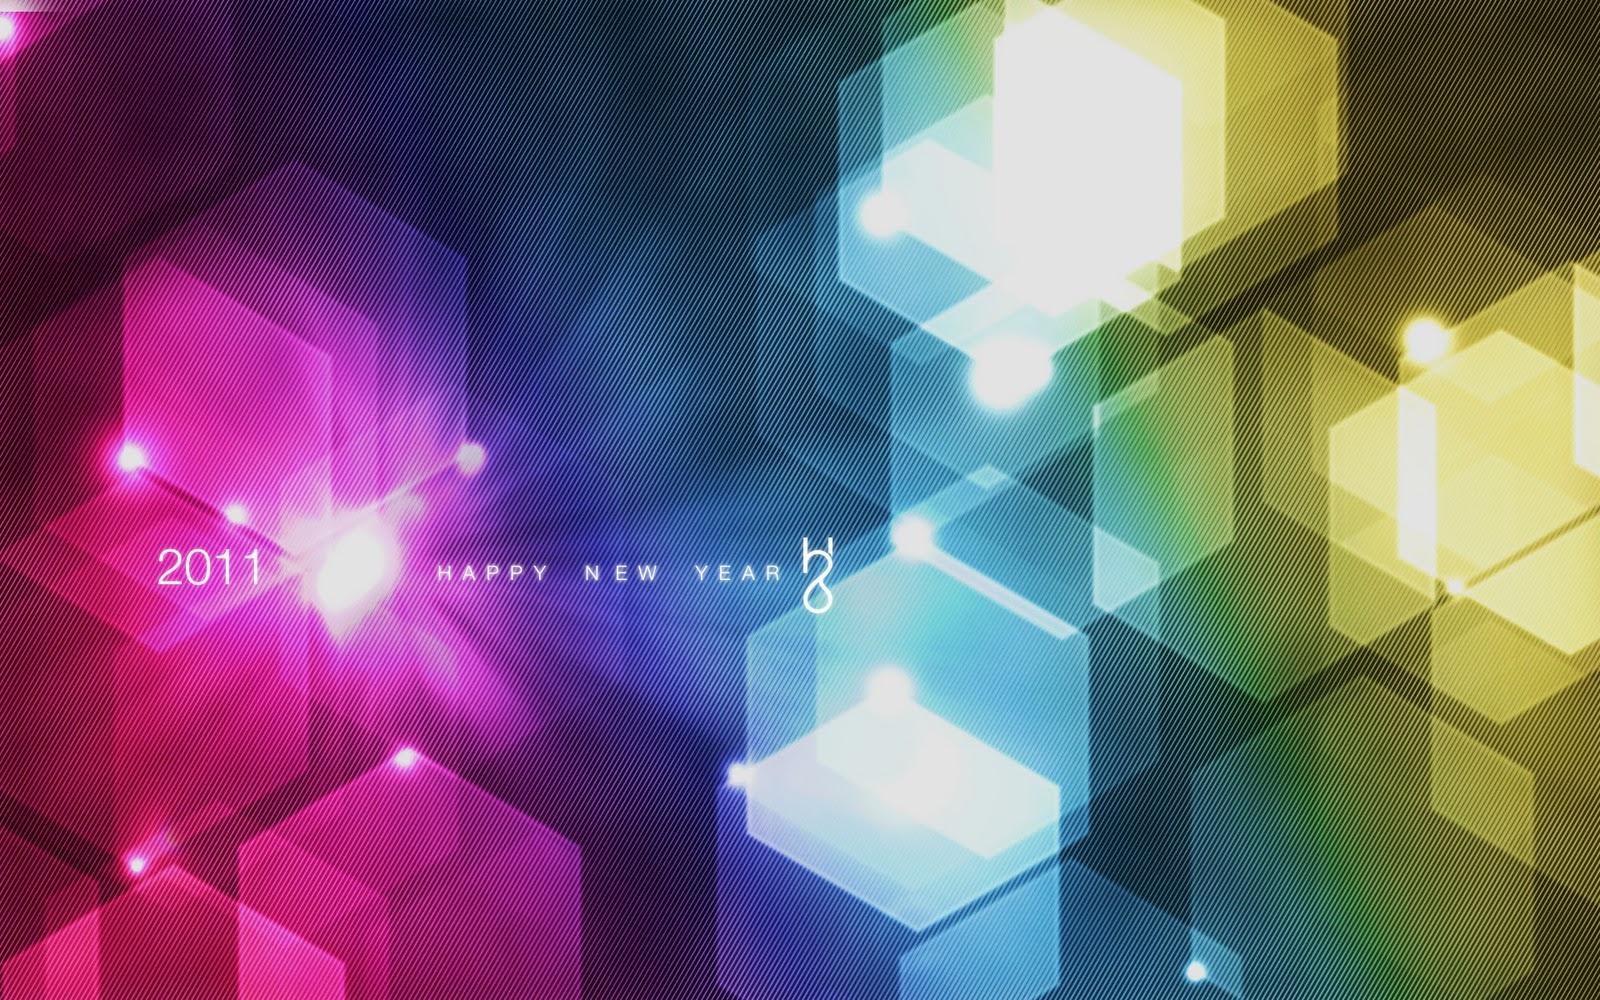 http://1.bp.blogspot.com/_6TN_3aK-nr4/TR35aexfr3I/AAAAAAAAARE/k6KVGDqc67M/s1600/HExagon+Bokeh+Effect+Tutorial.jpg